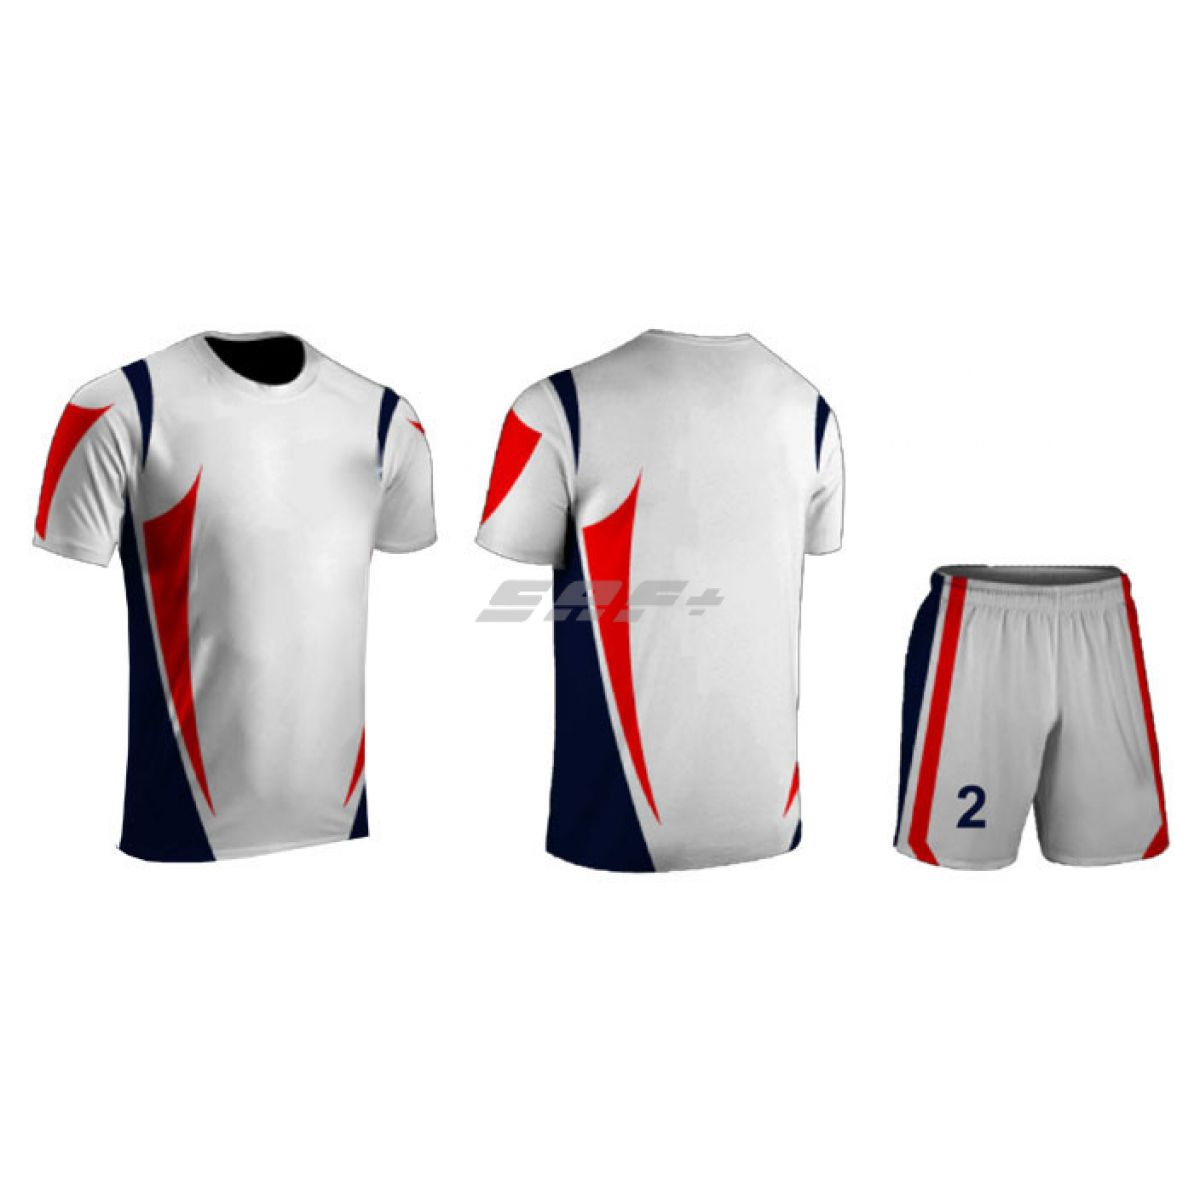 Футбольная форма высочайшего качества по индивидуальному дизайну в ... c4cf436a178